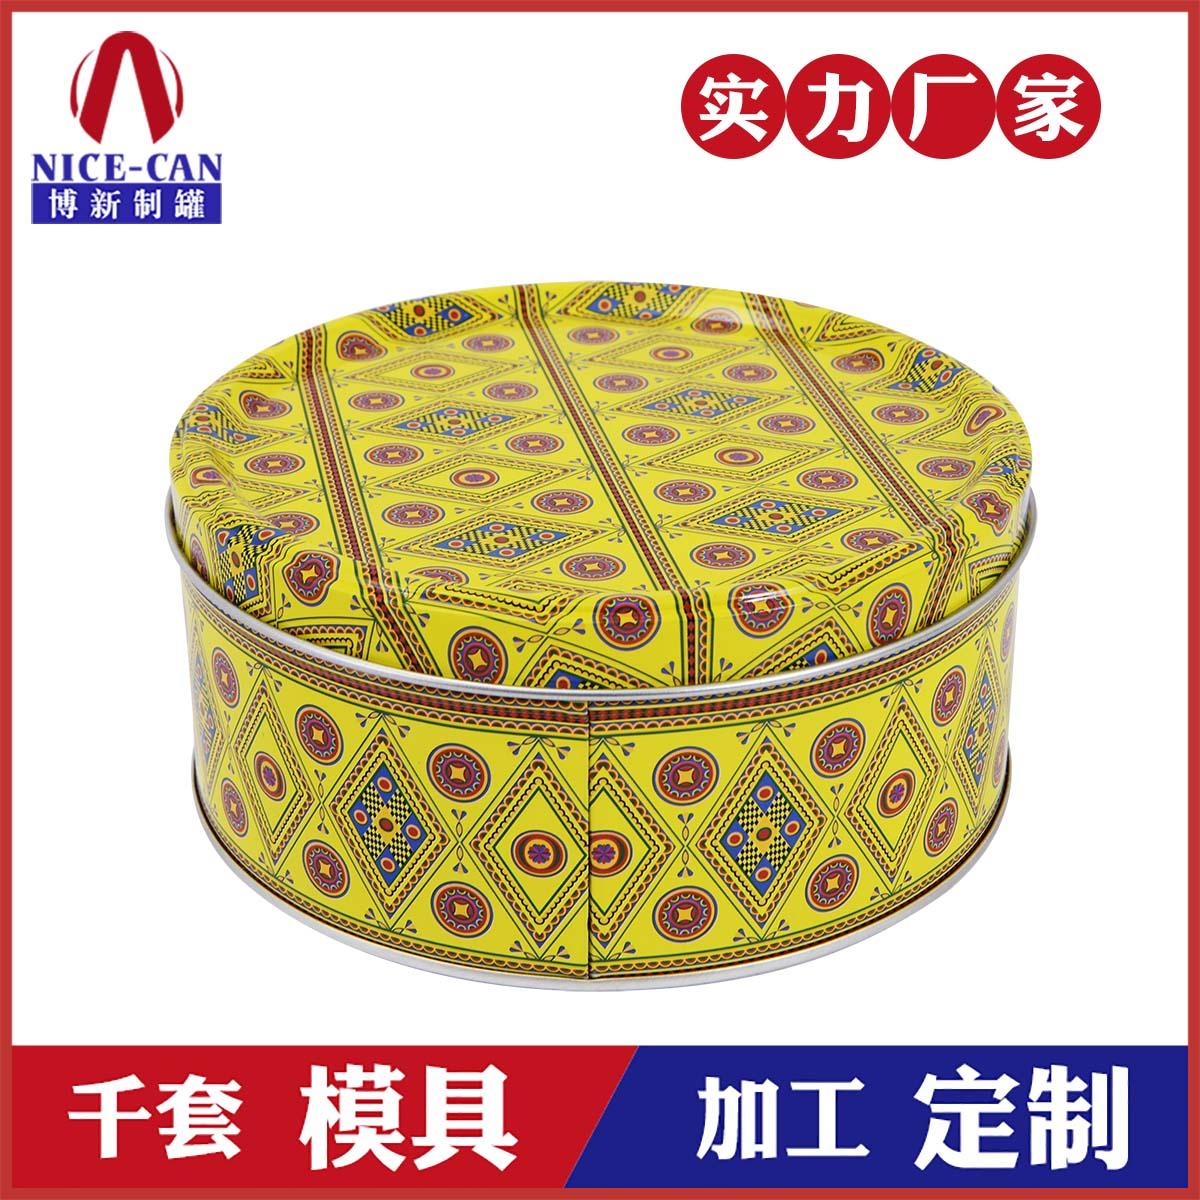 圆形金属茶叶罐-茶叶铁盒生产厂